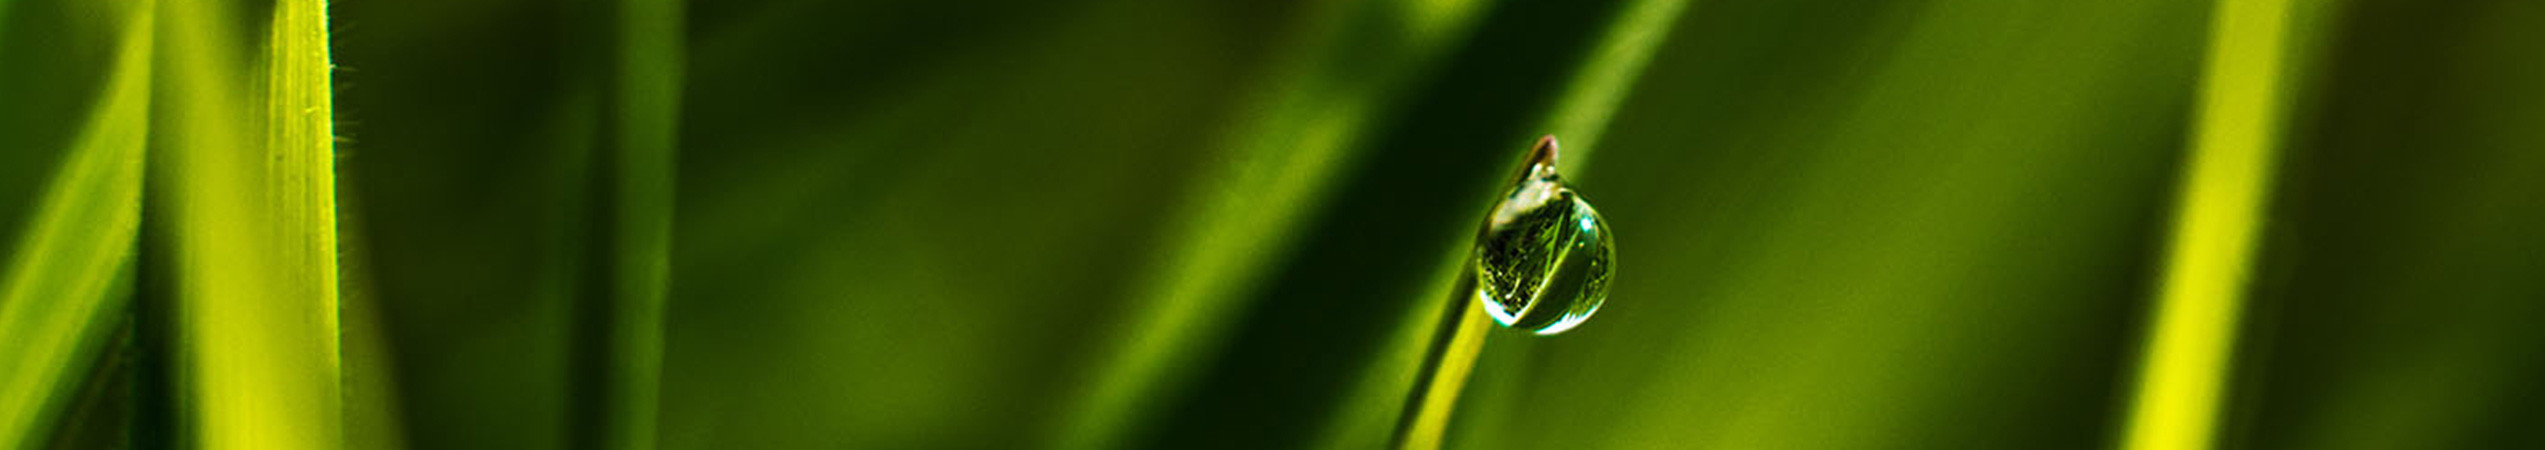 Goutte d'eau sur une plant symbolisant l'arrosage